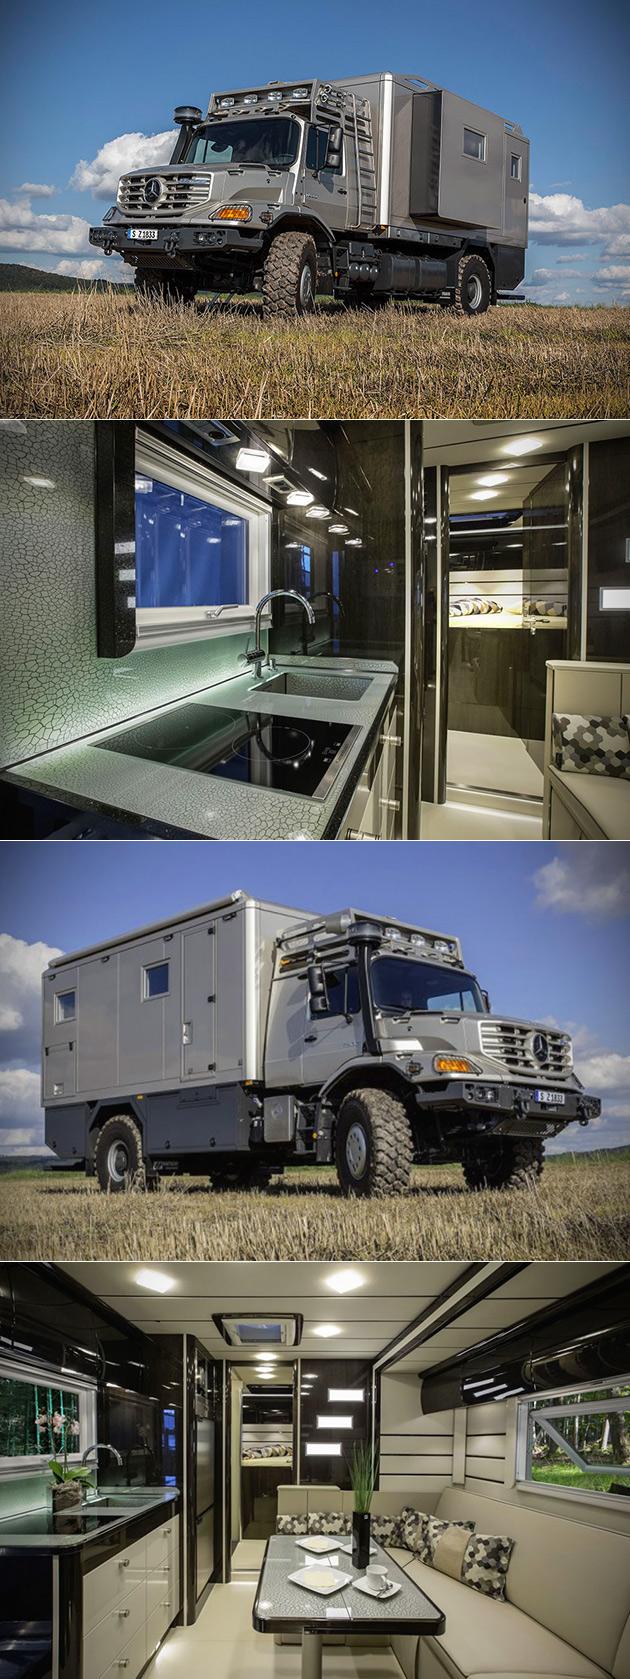 Zetros Mobile Home